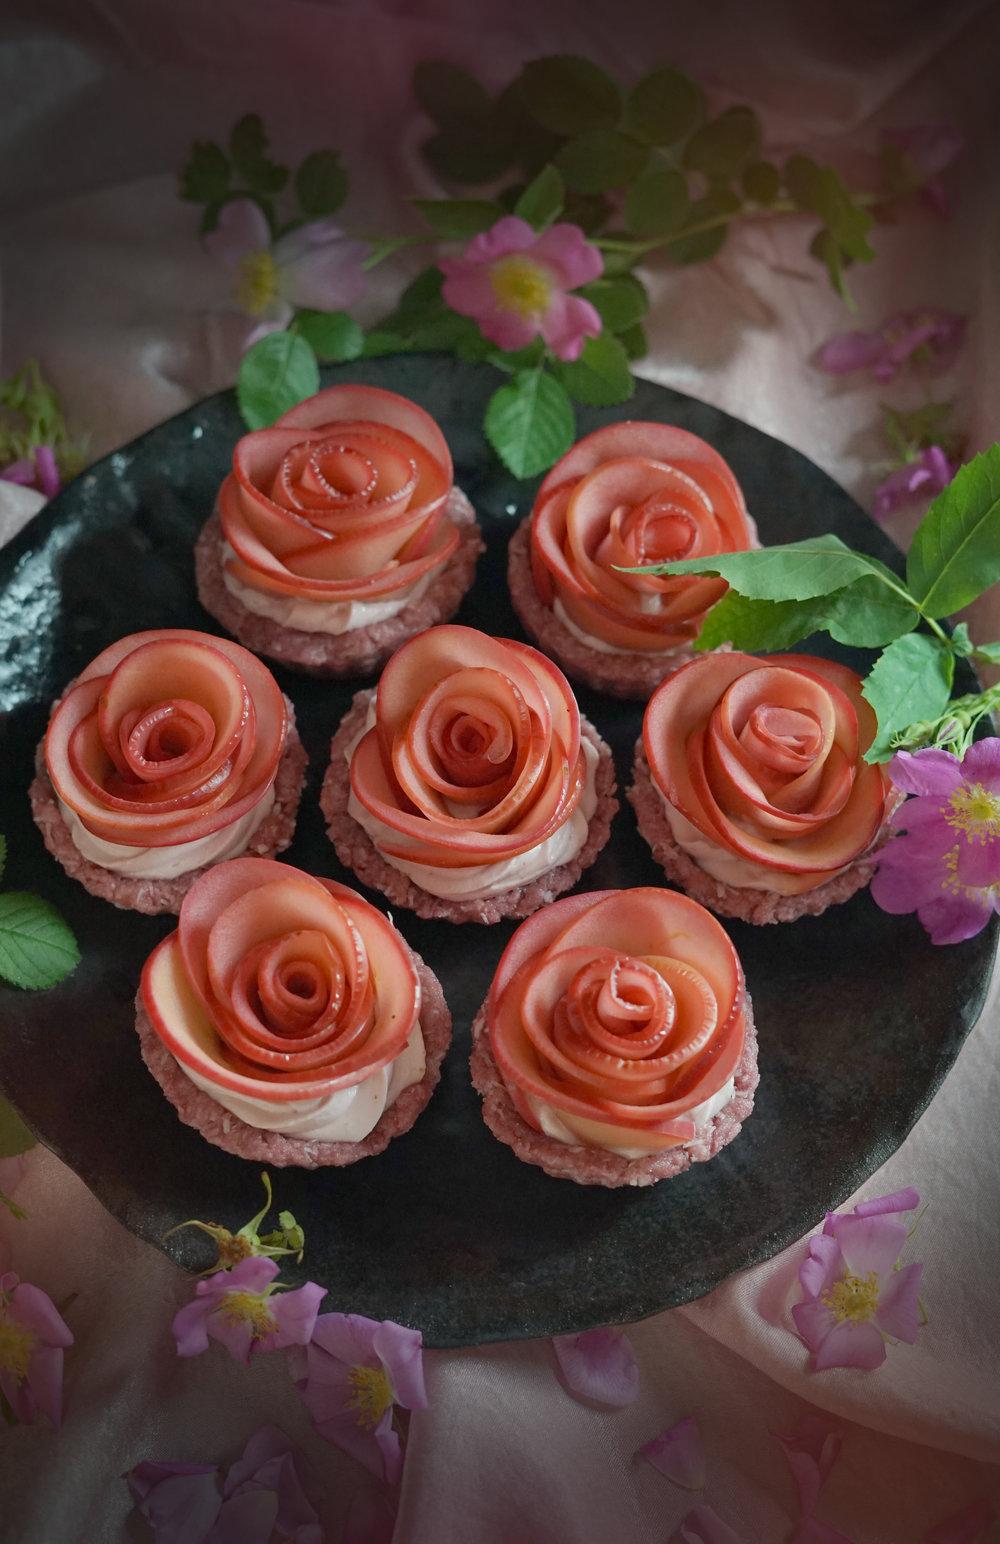 rosetarts2large.jpg